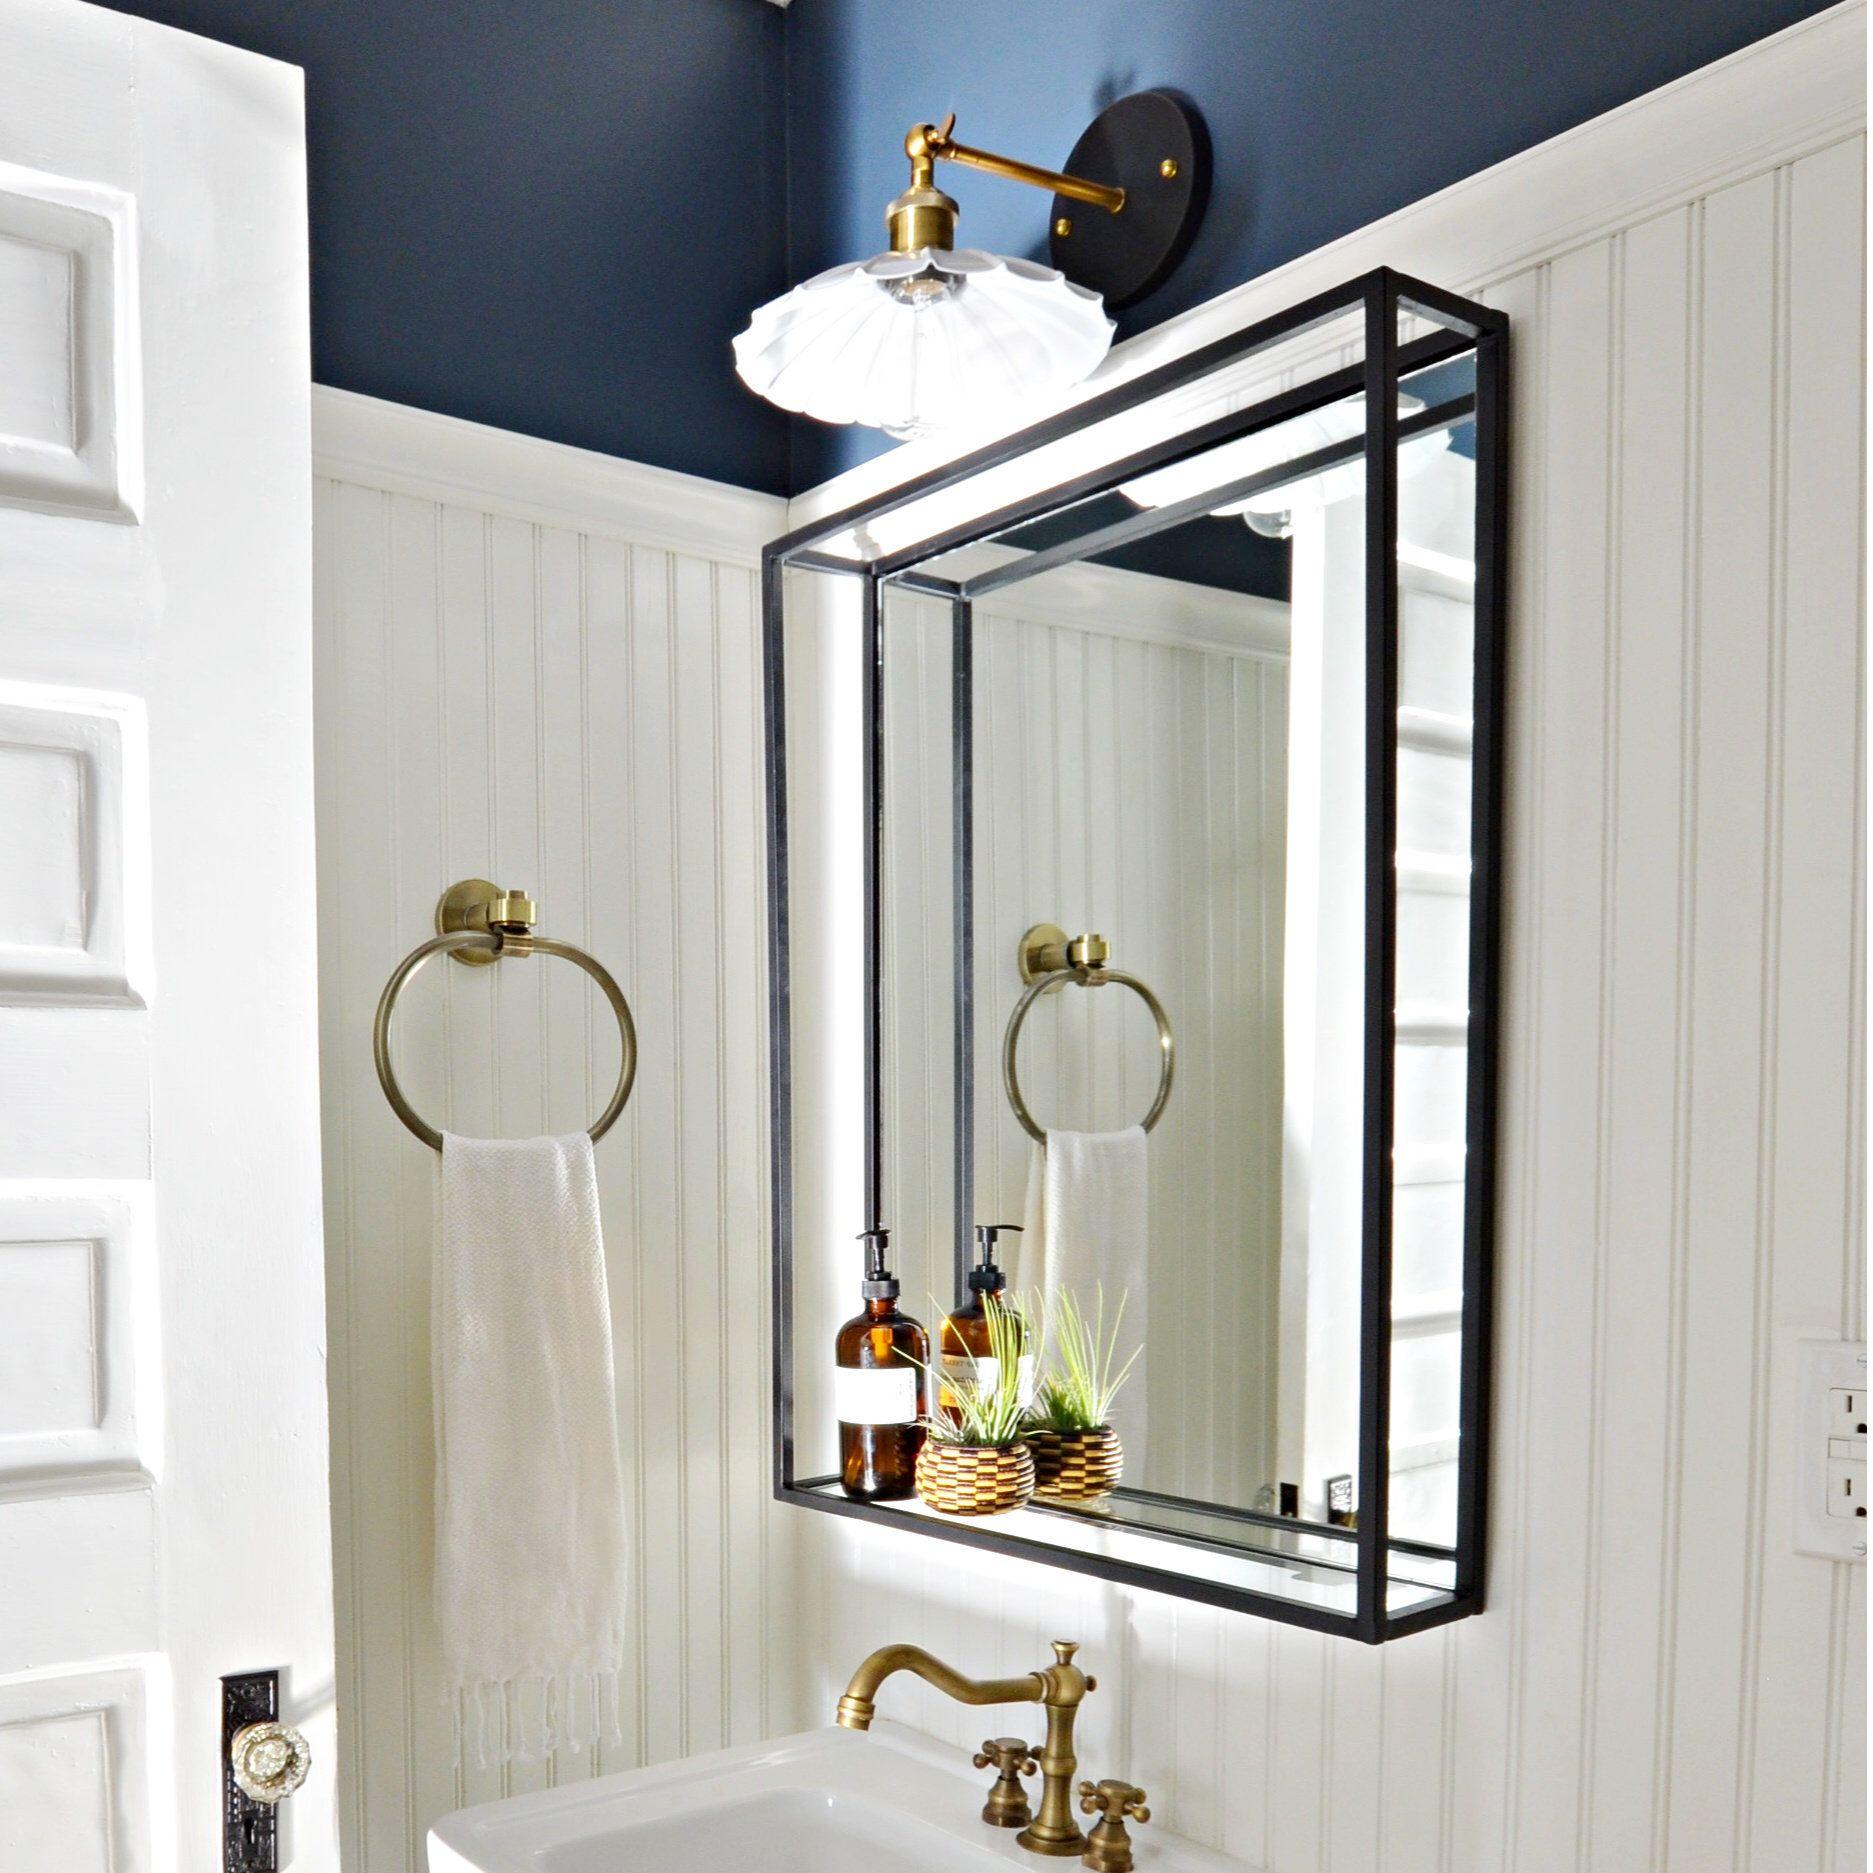 Modern Industrial Black Steel Metal Framed Bathroom Mirror